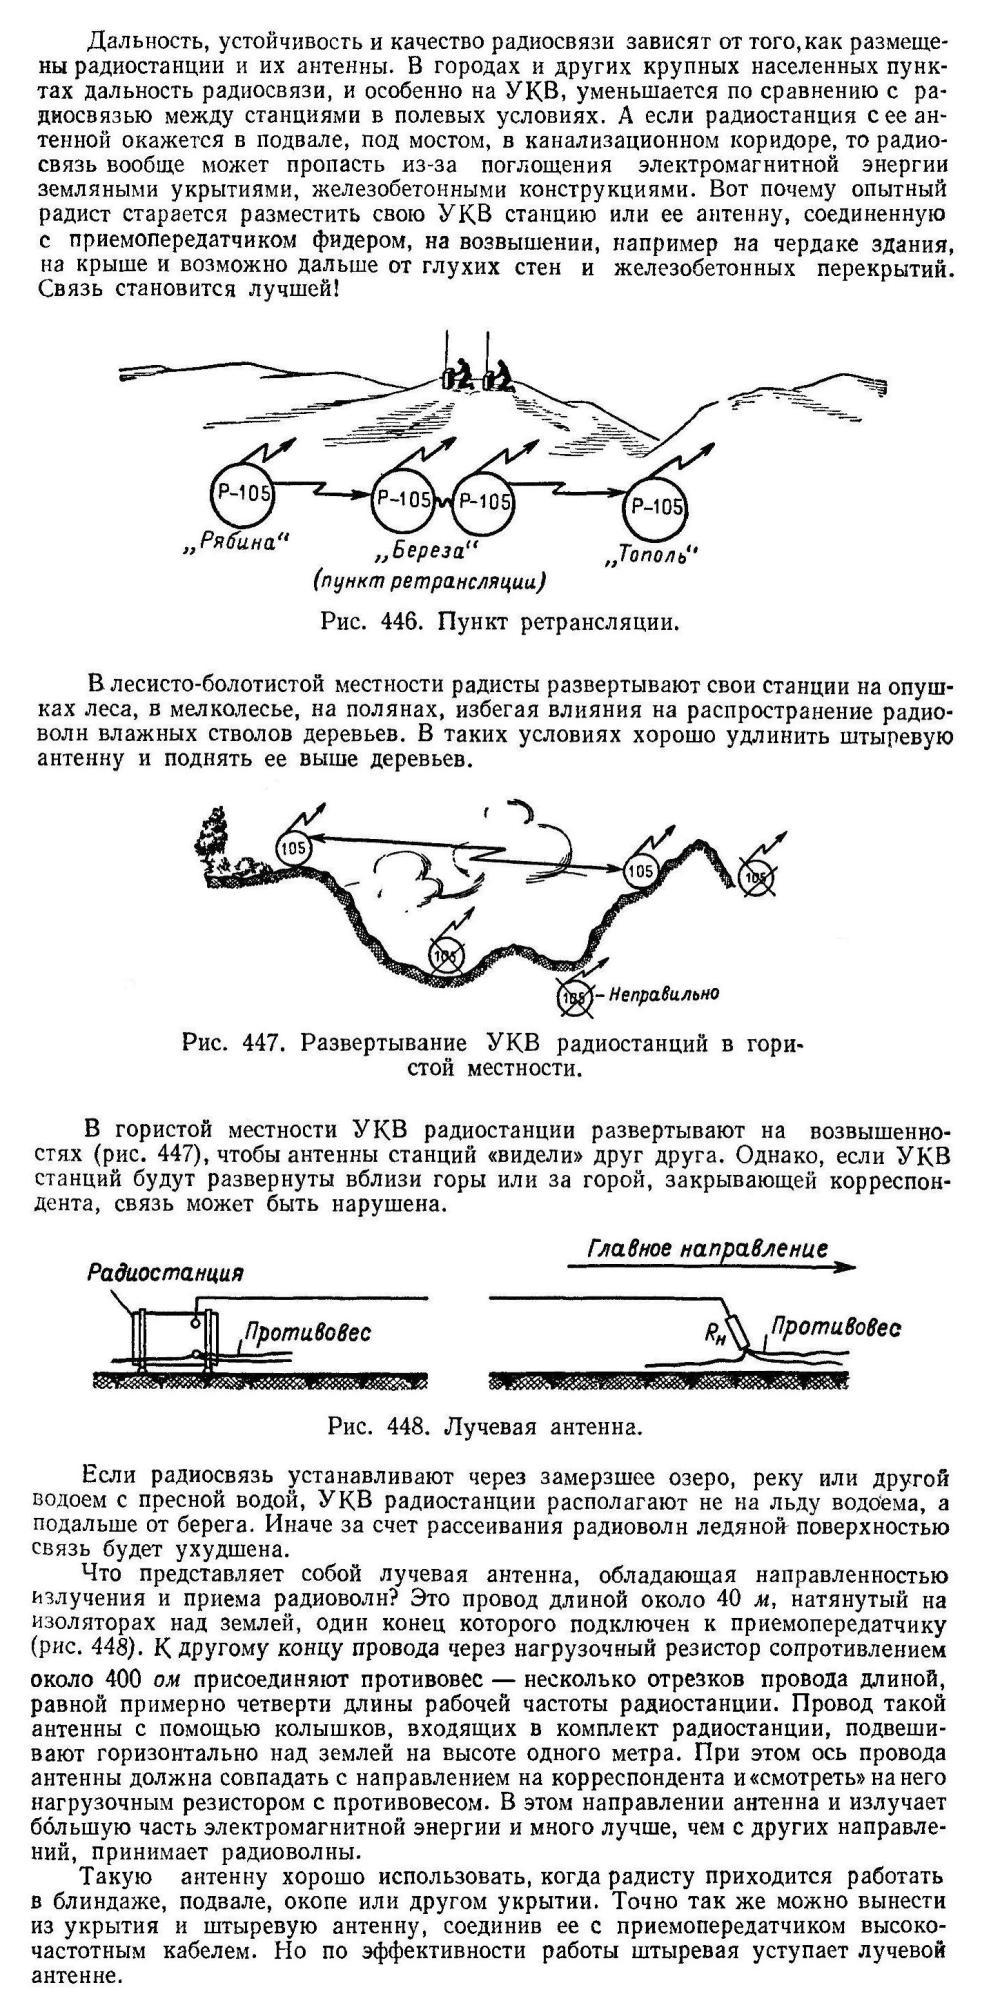 схема устройства согласования 300/75 ом в антеннах